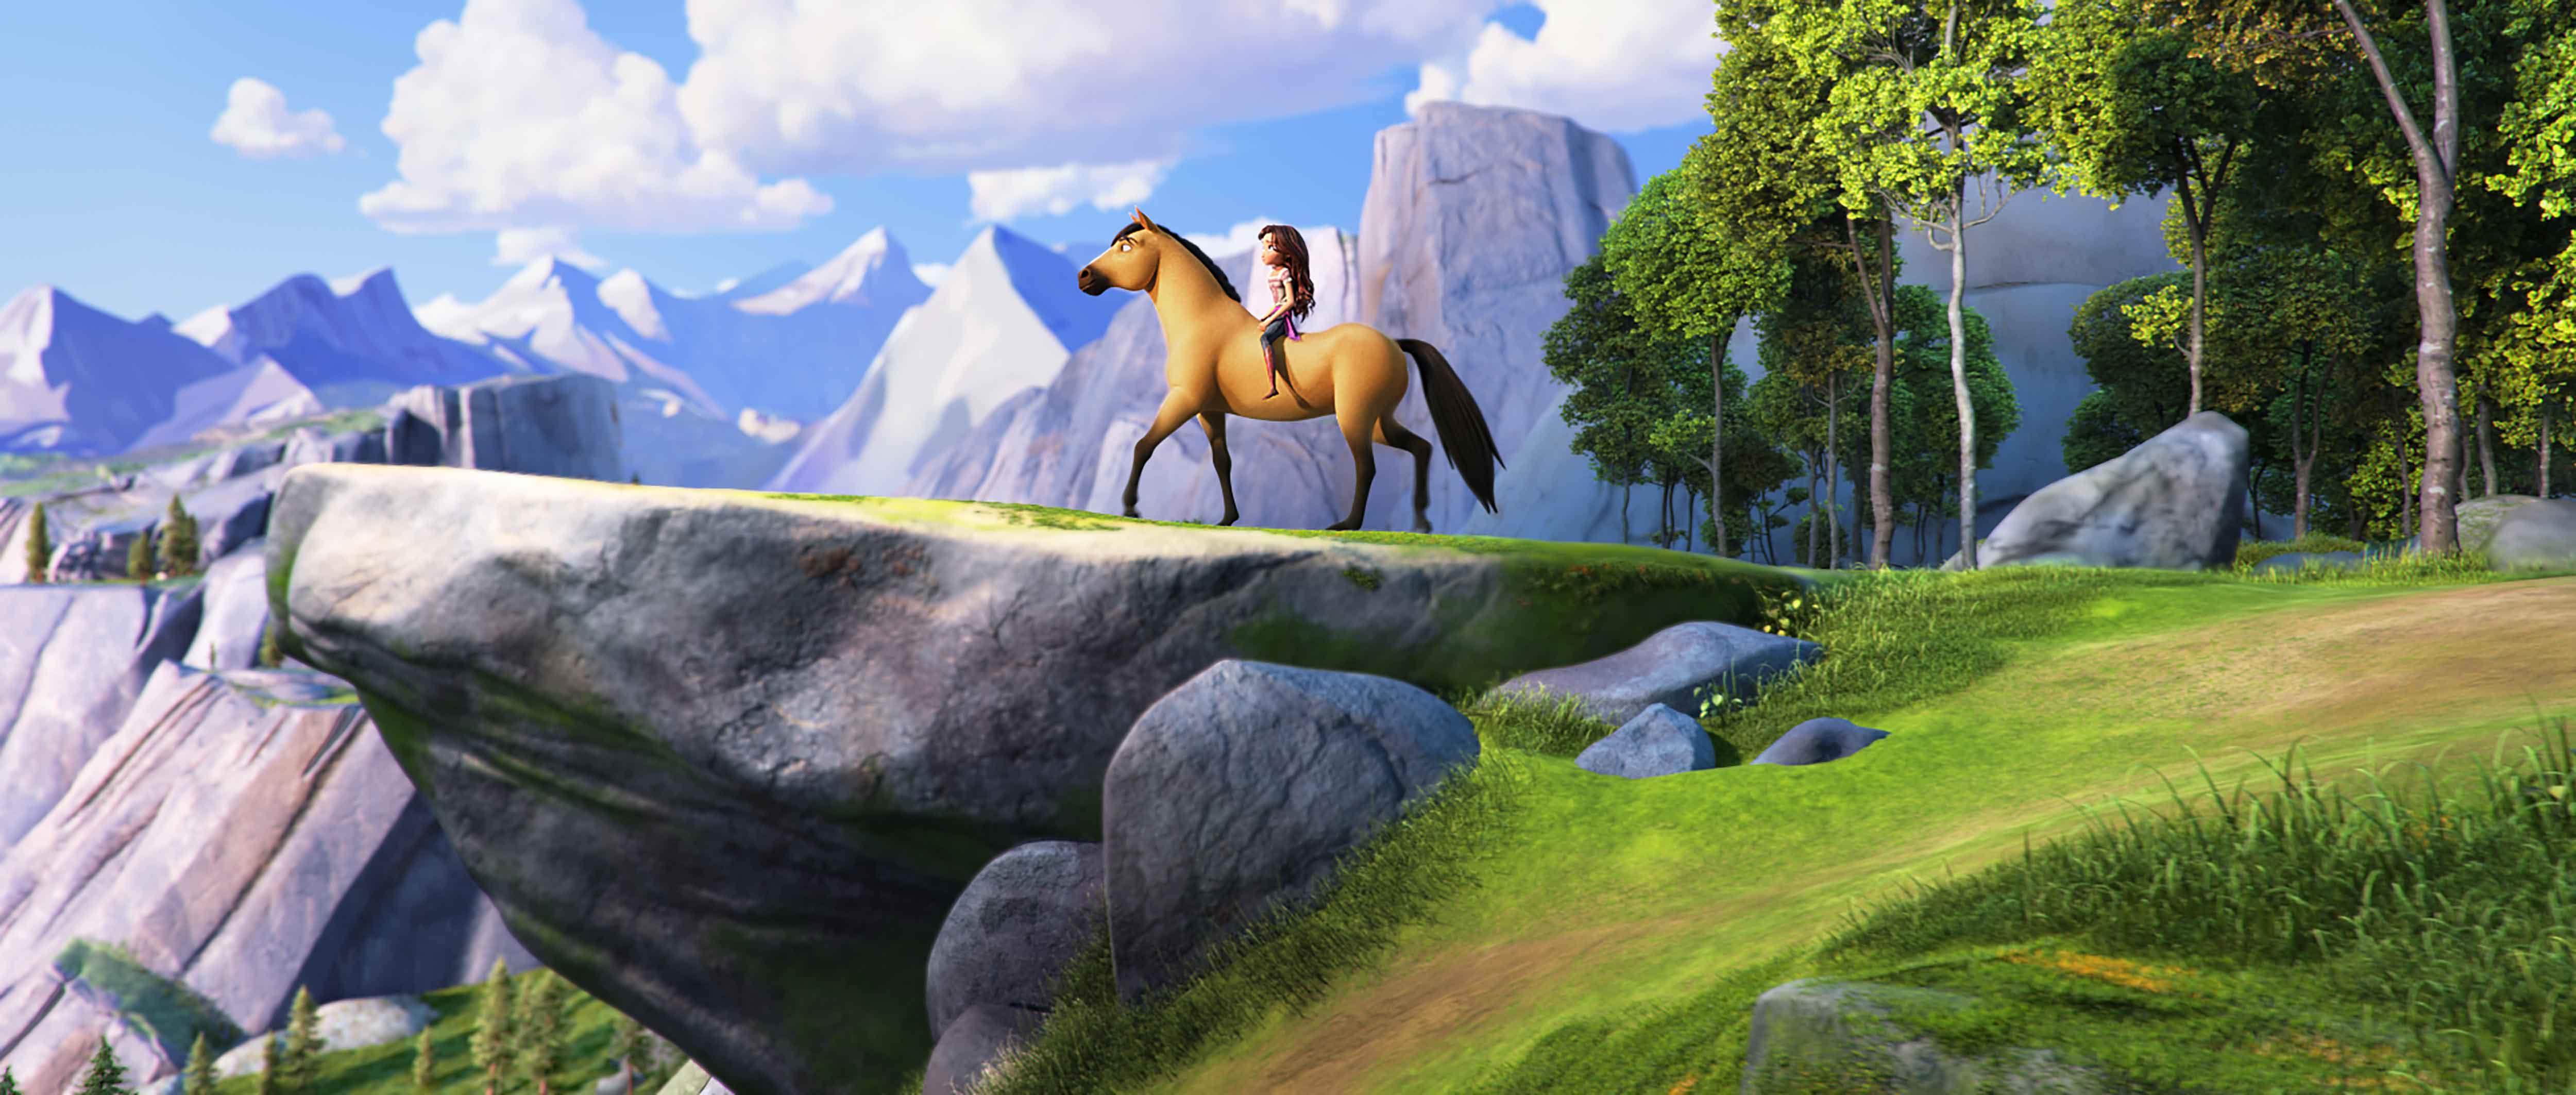 Spirit - Il ribelle film d'animazione DreamWorks Animation